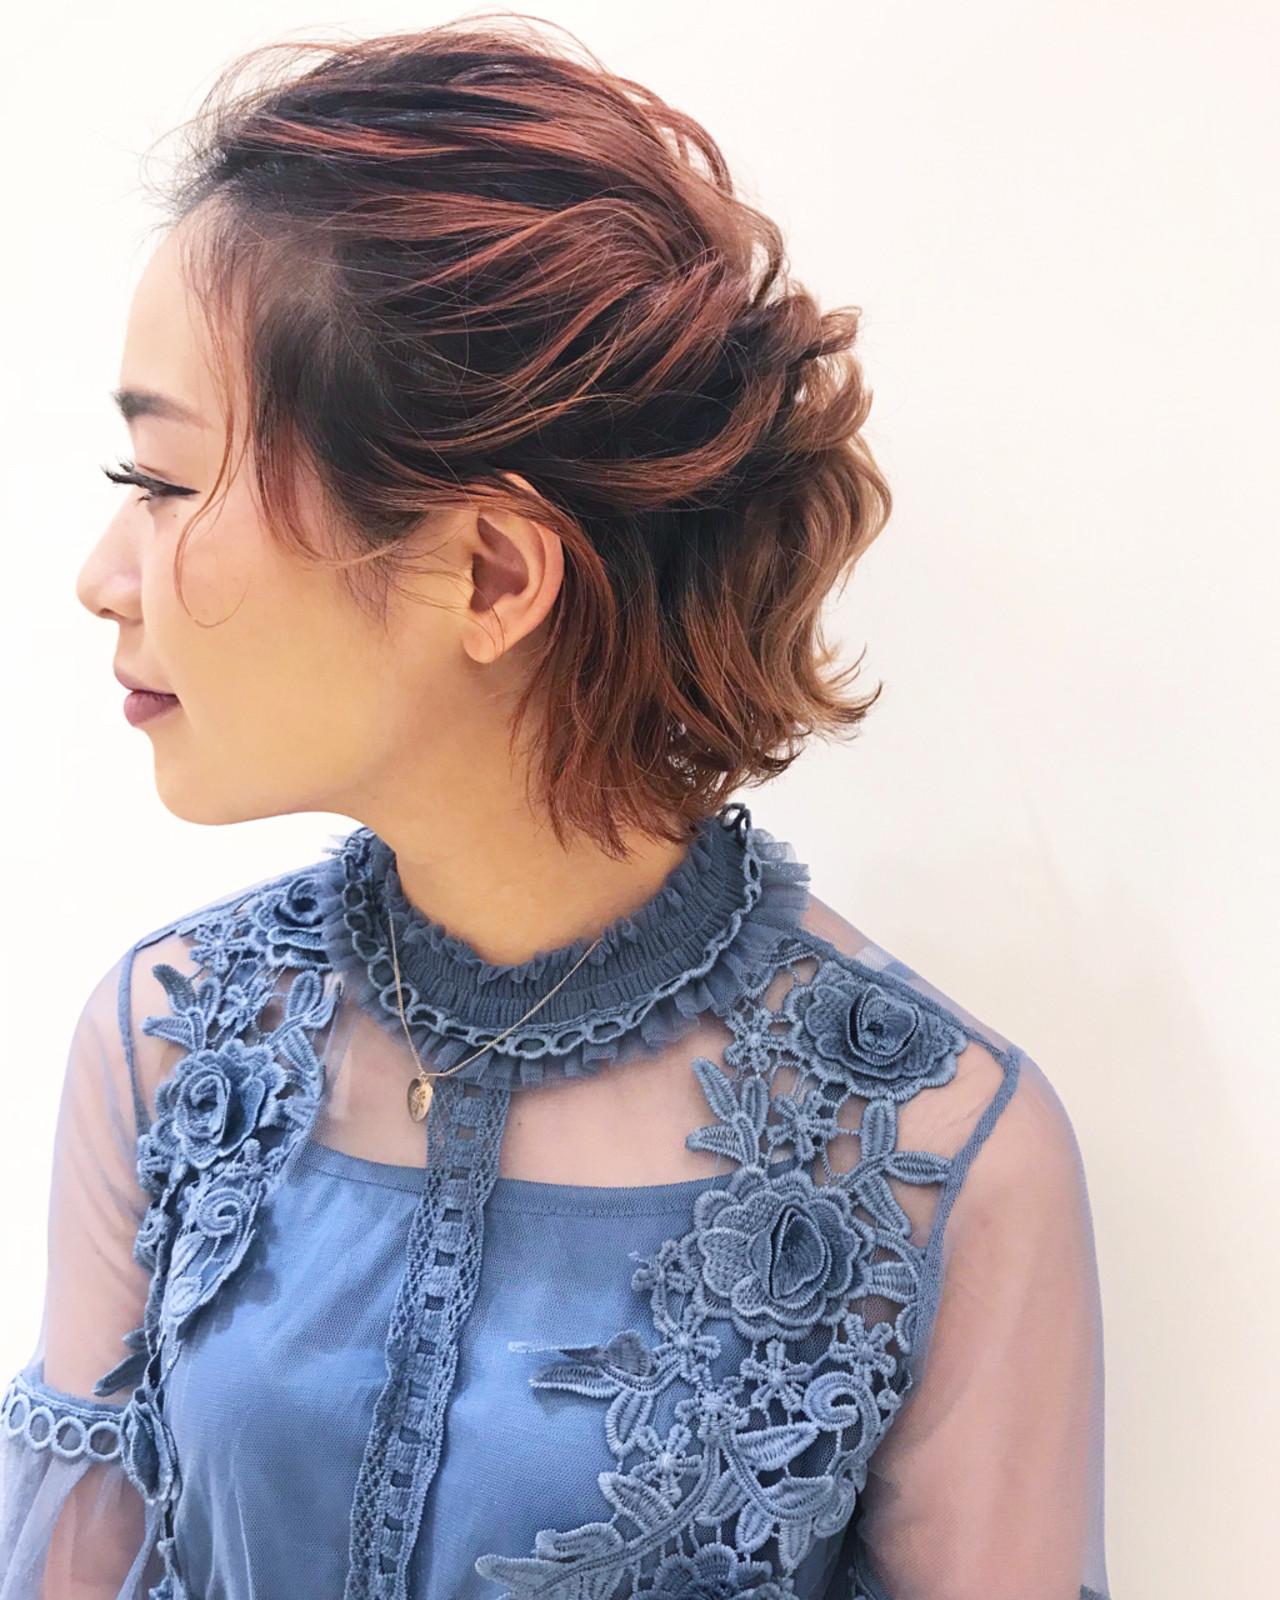 ヘアアレンジ 簡単ヘアアレンジ 上品 エレガント ヘアスタイルや髪型の写真・画像